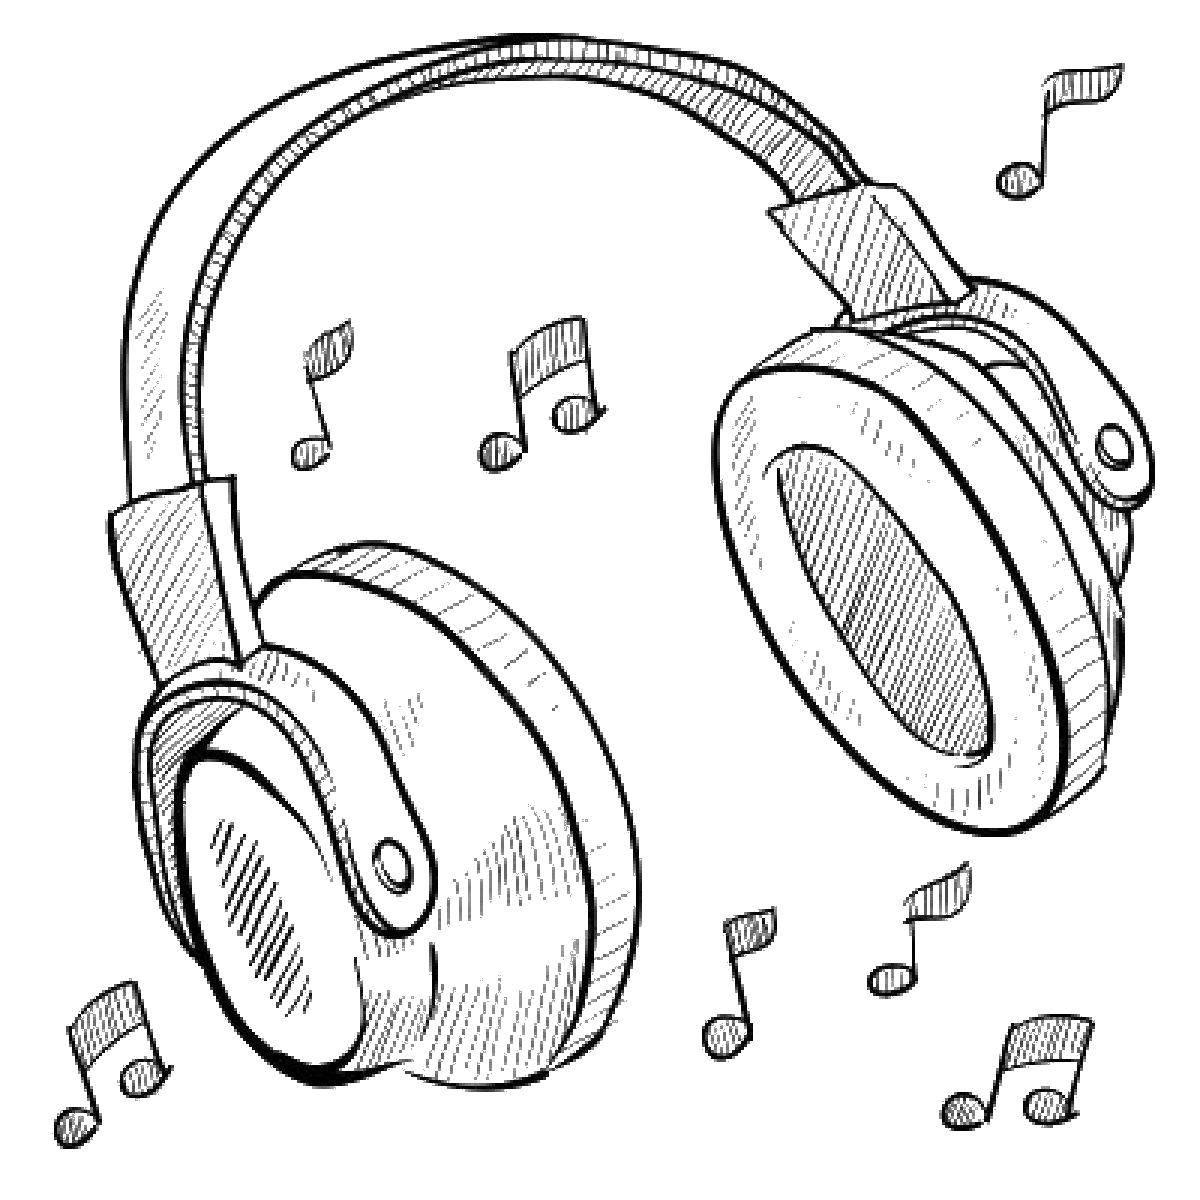 Раскраска Музыка в наушниказ Скачать Музыка, инструмент, музыкант, ноты.  Распечатать ,Музыка,